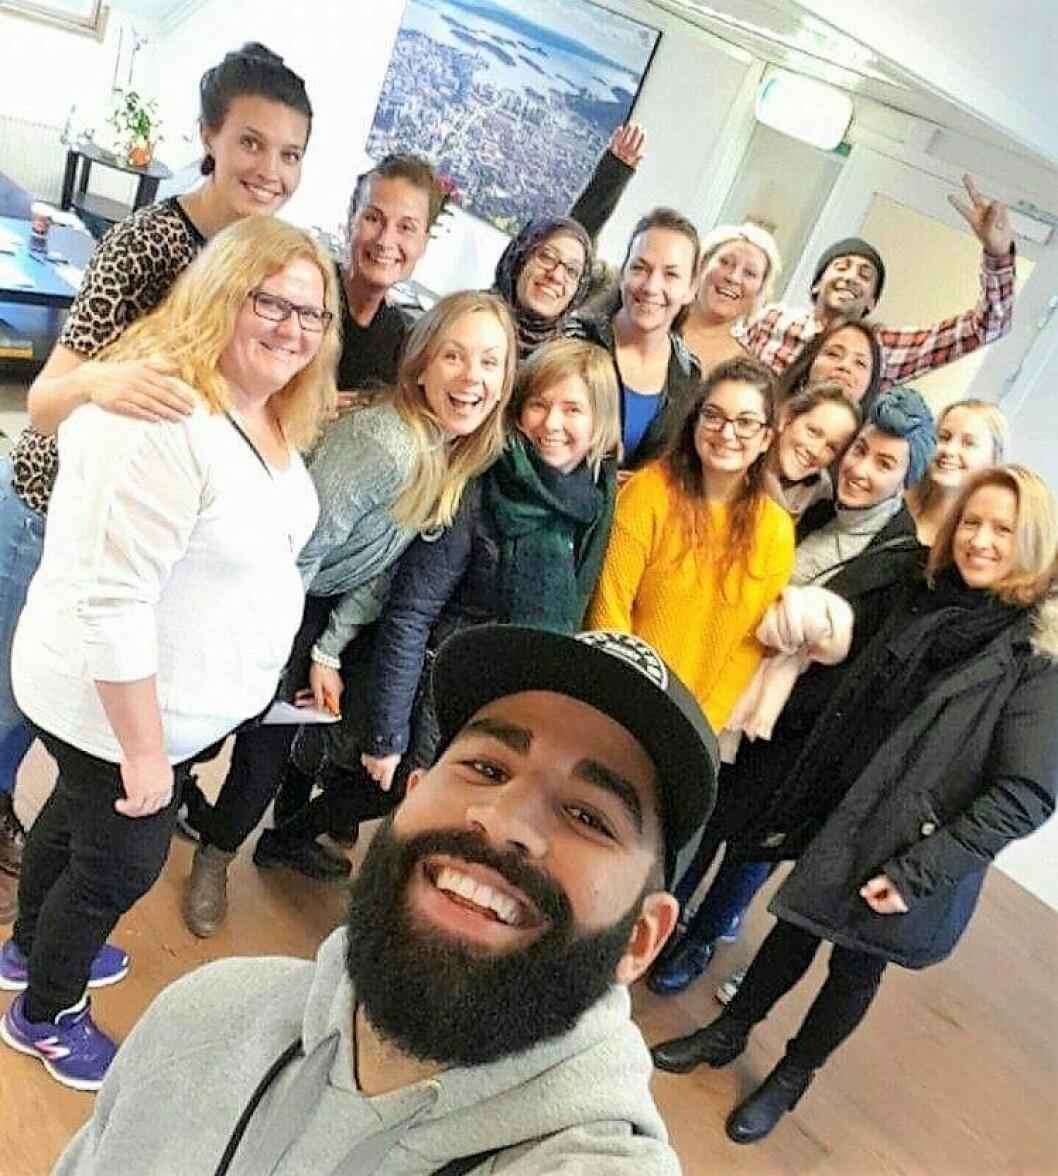 Bydel Frogner på besøk hos Ung Arena i Bydel Gamle Oslo, inkludert blant annet folk fra NAV Frogner, helsestasjonen og ungdomstjenesten. Foto: Ung Arena